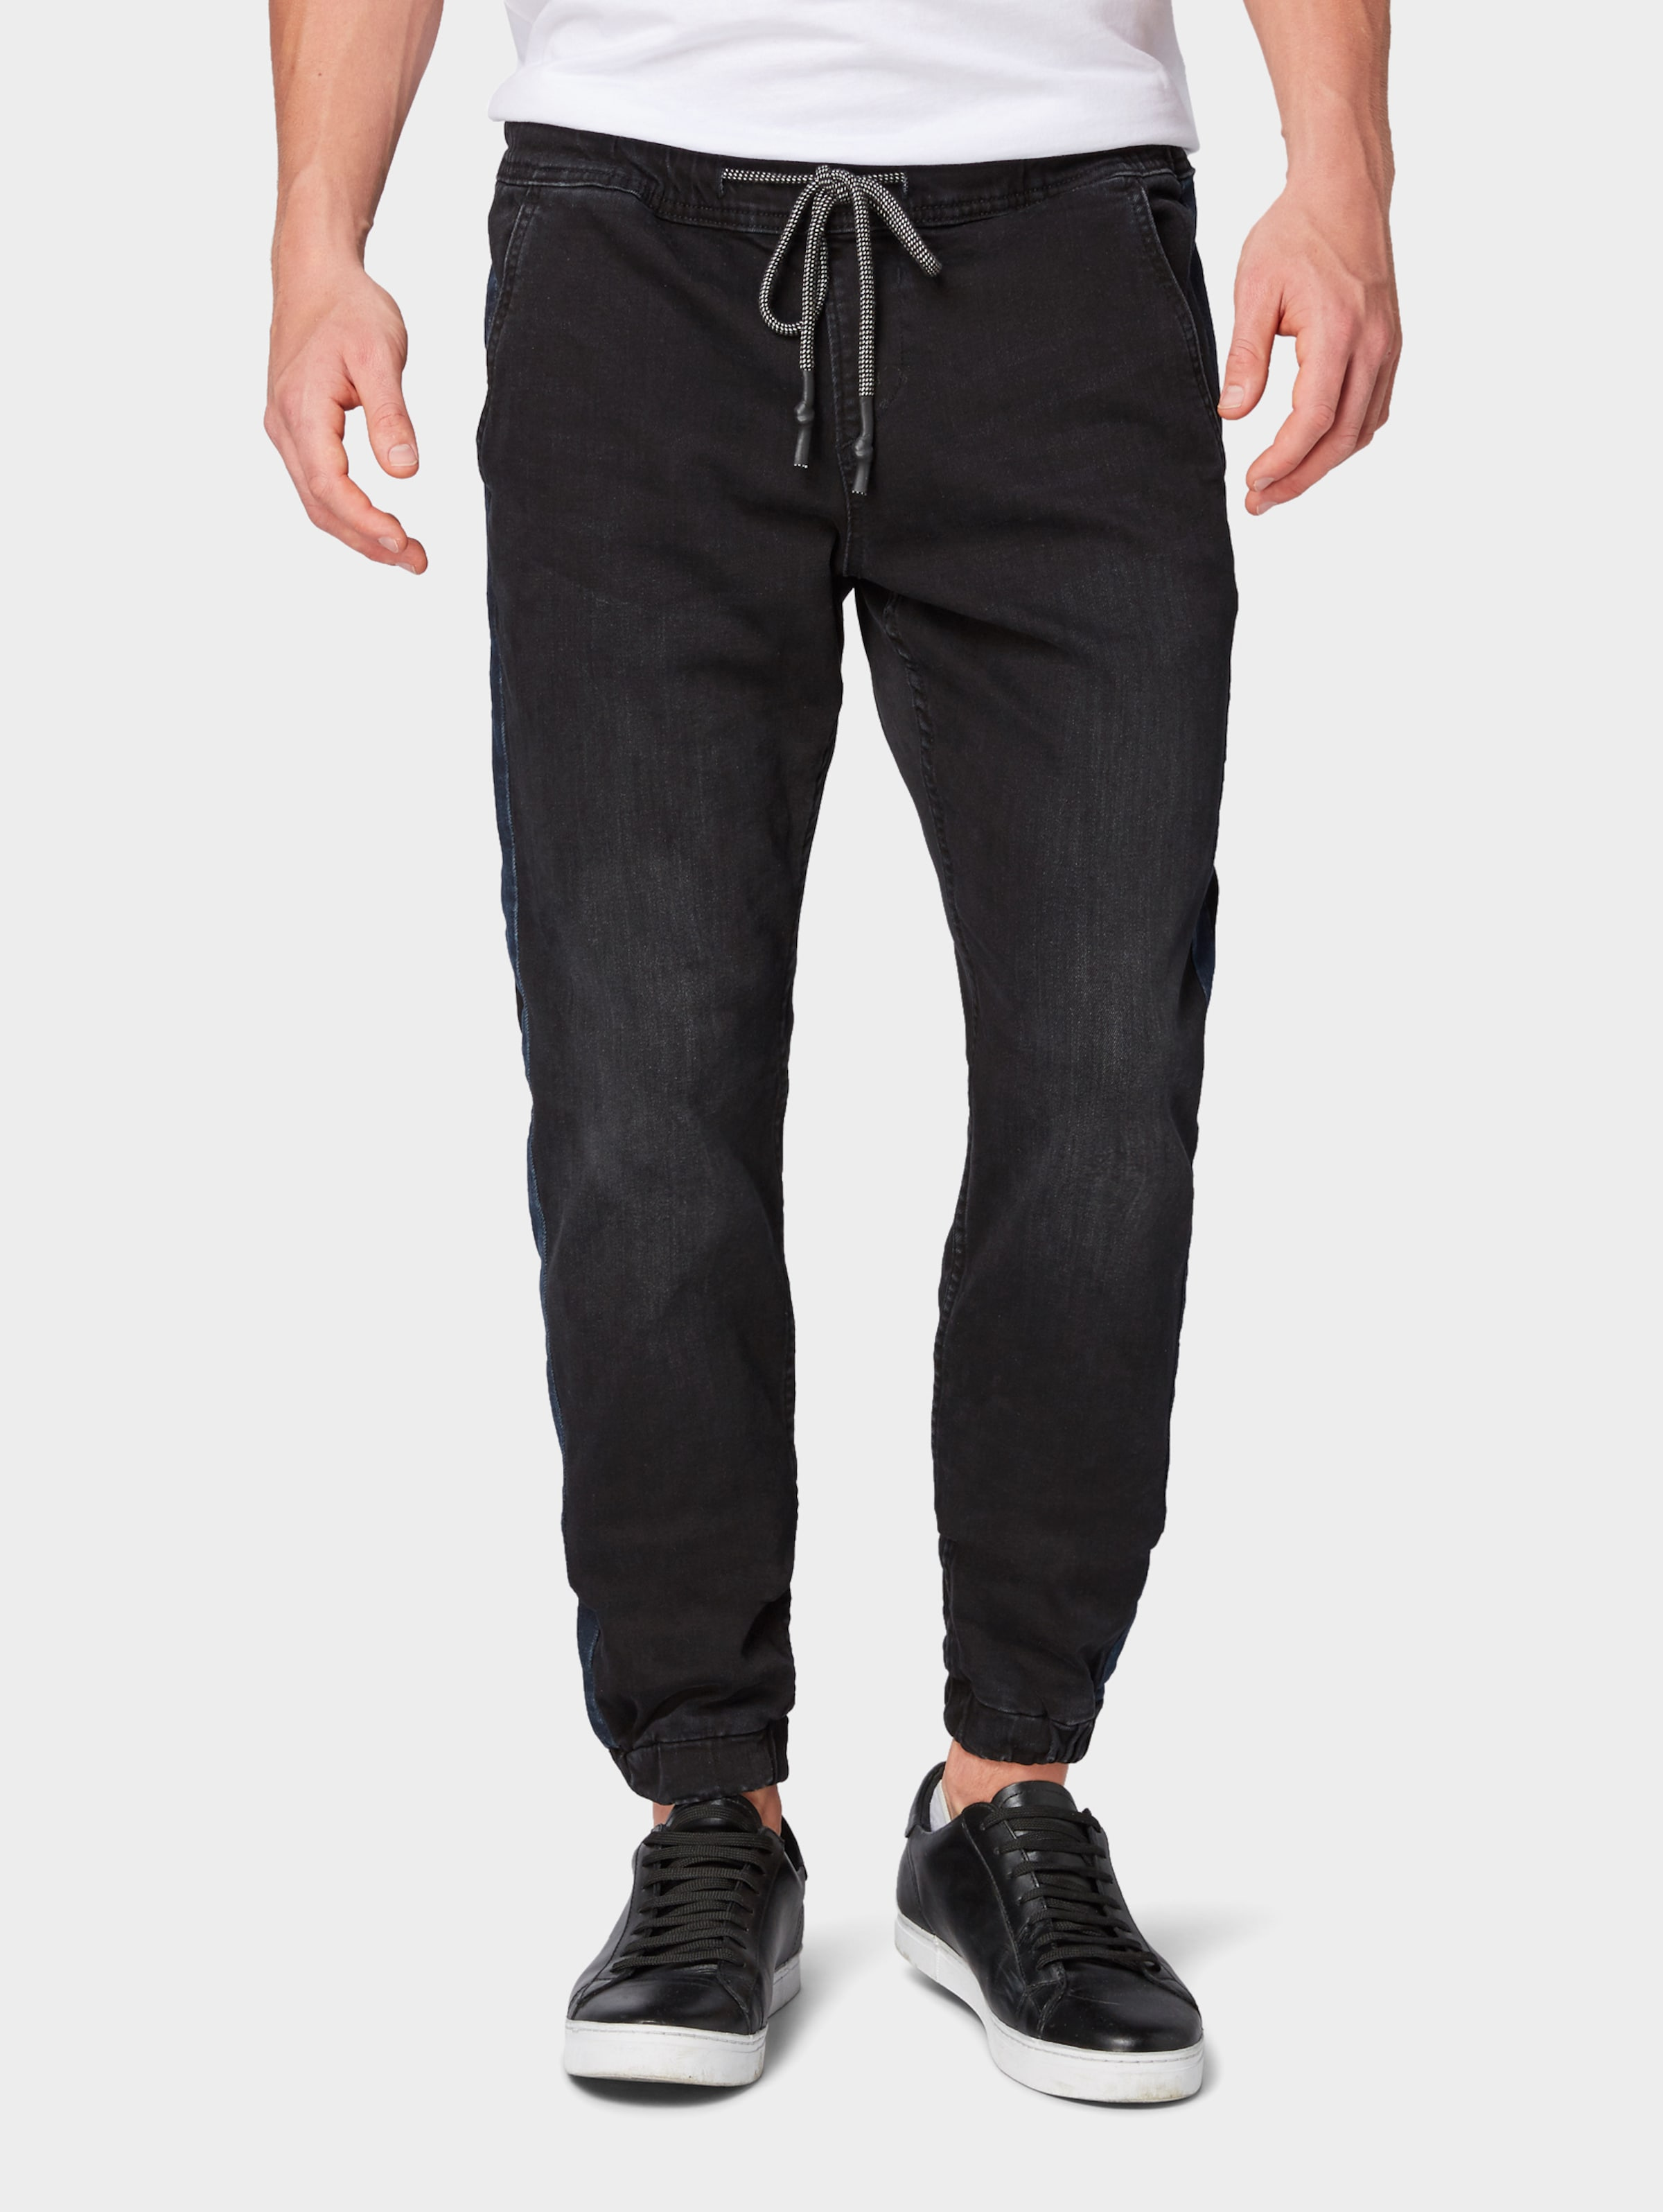 Tom MarineBlack Denim Jeans Tailor In sxhtrBQdCo